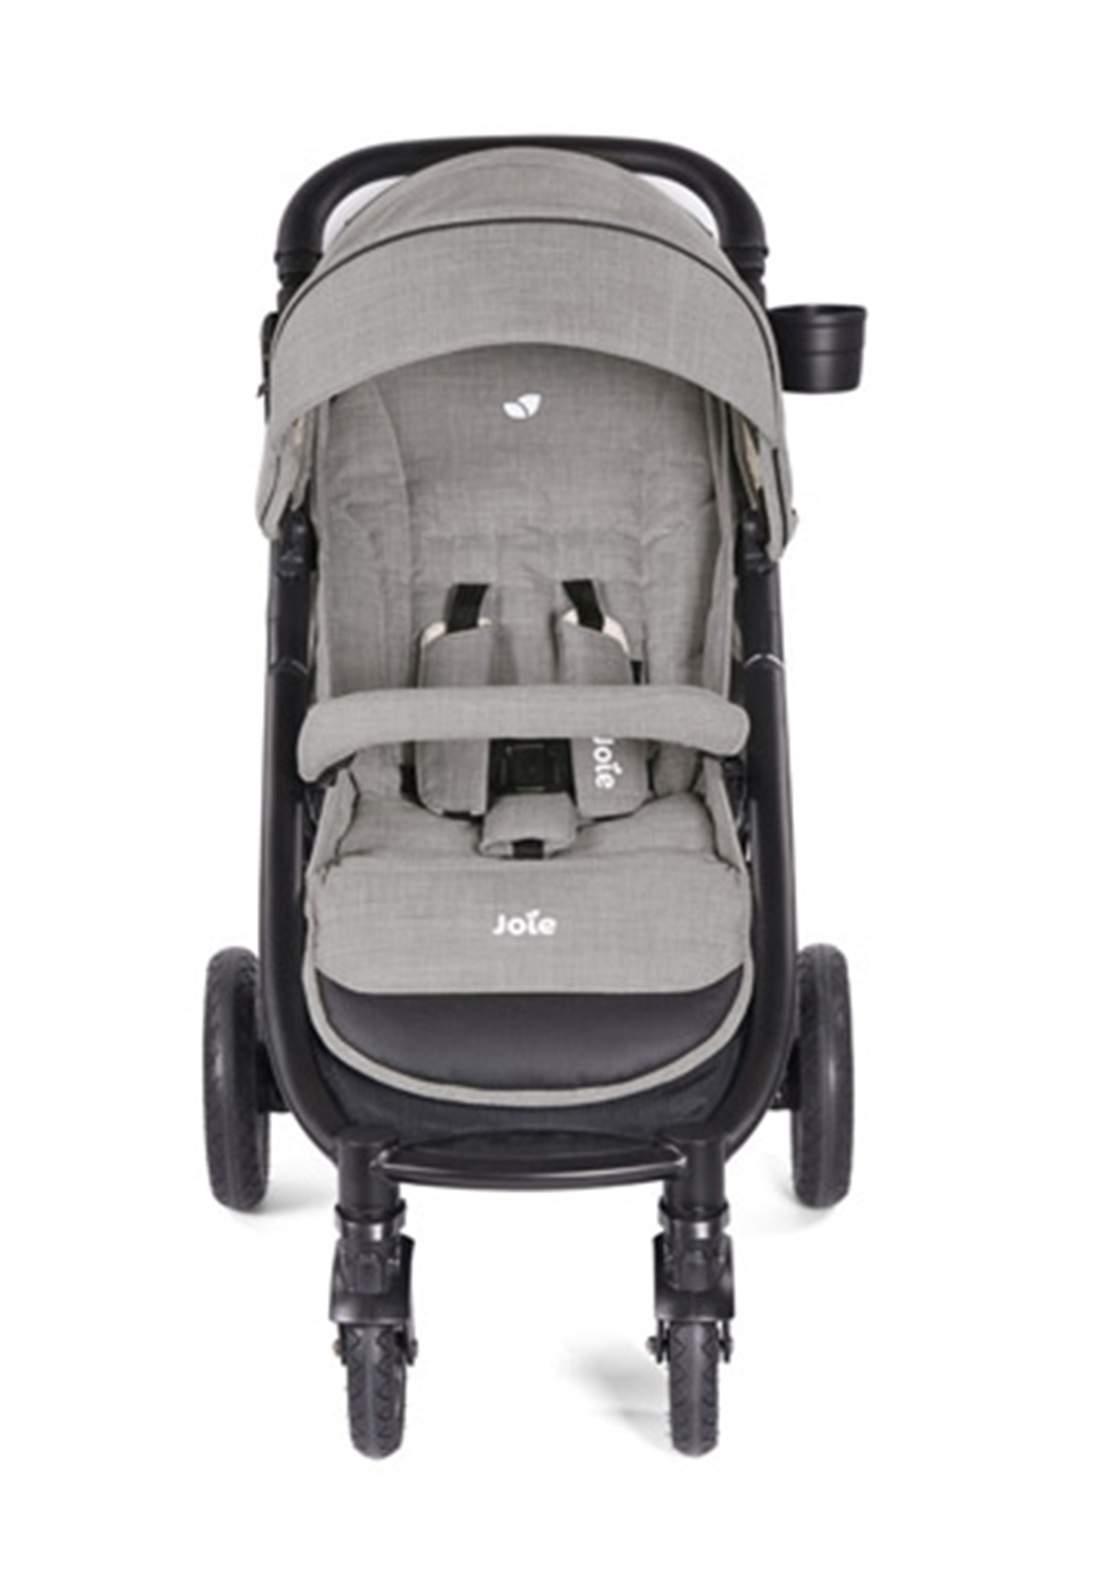 عربة اطفال  10.6 كغمJoie Baby S1509BAFGY600 Baby Stroller